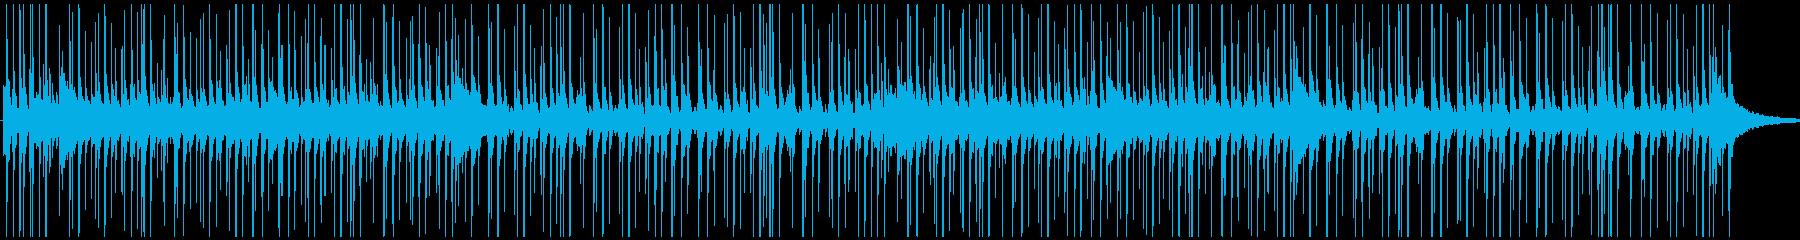 陽気 サンバ ラテンなソロドラムの再生済みの波形